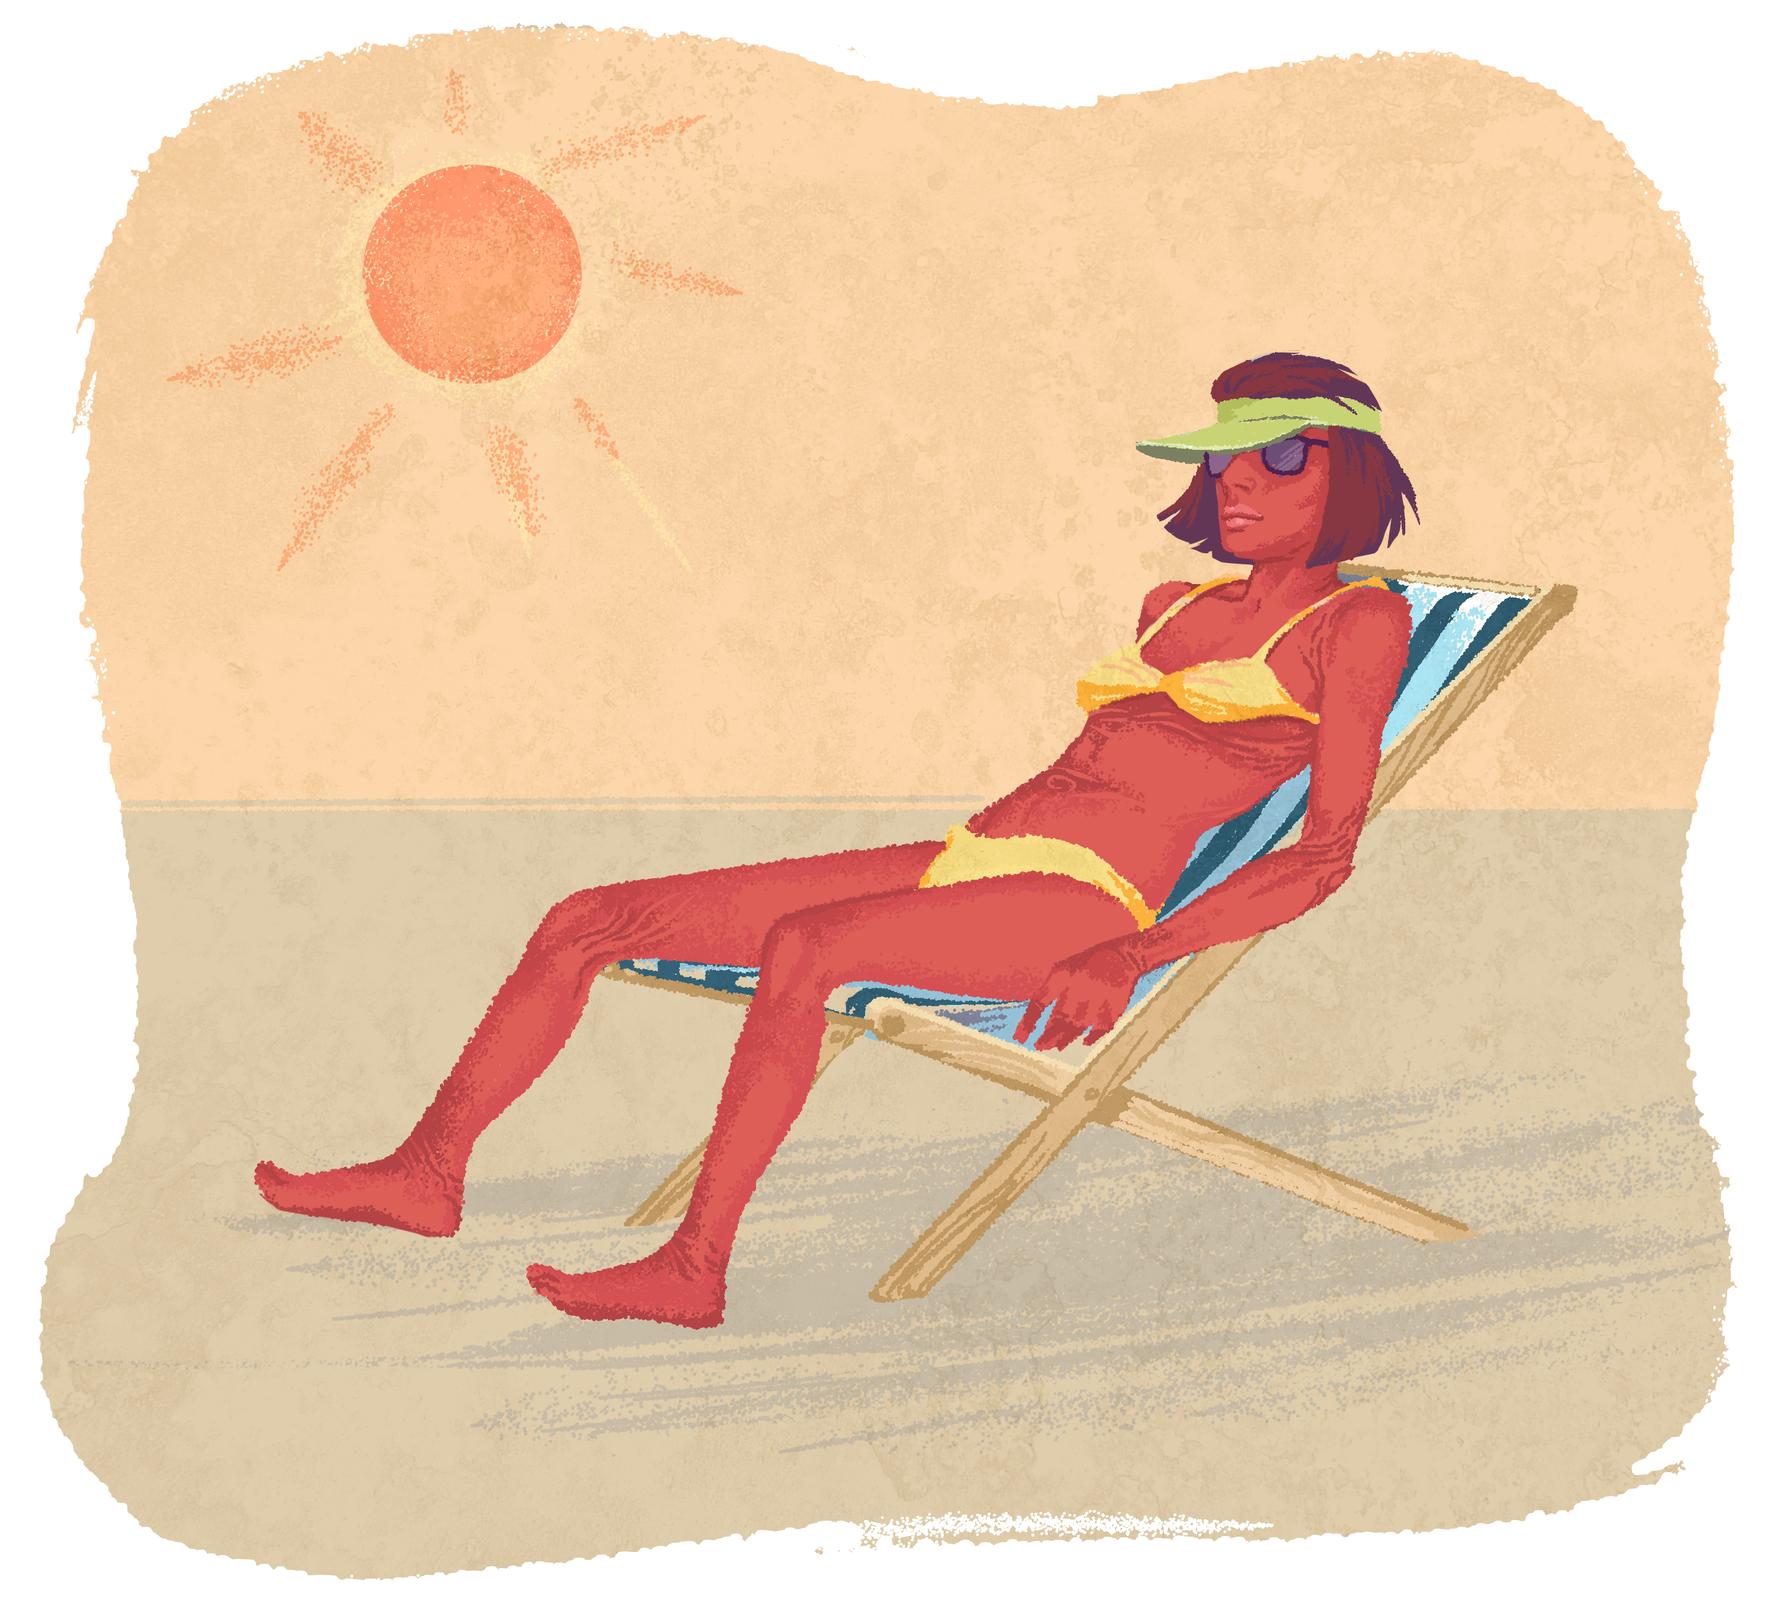 Galeria rysunków obrazujących różne rodzaje uzależnień. Stara kobieta zmocną opalenizną nadal się opala. Na piaskowym tle leżak wbiało-niebieskie paski. Siedzi na nim szczupła, bardzo brązowa kobieta wżółtym kostiumie bikini, zielonym daszku na głowie iokularach przeciwsłonecznych. Na niebie słońce.